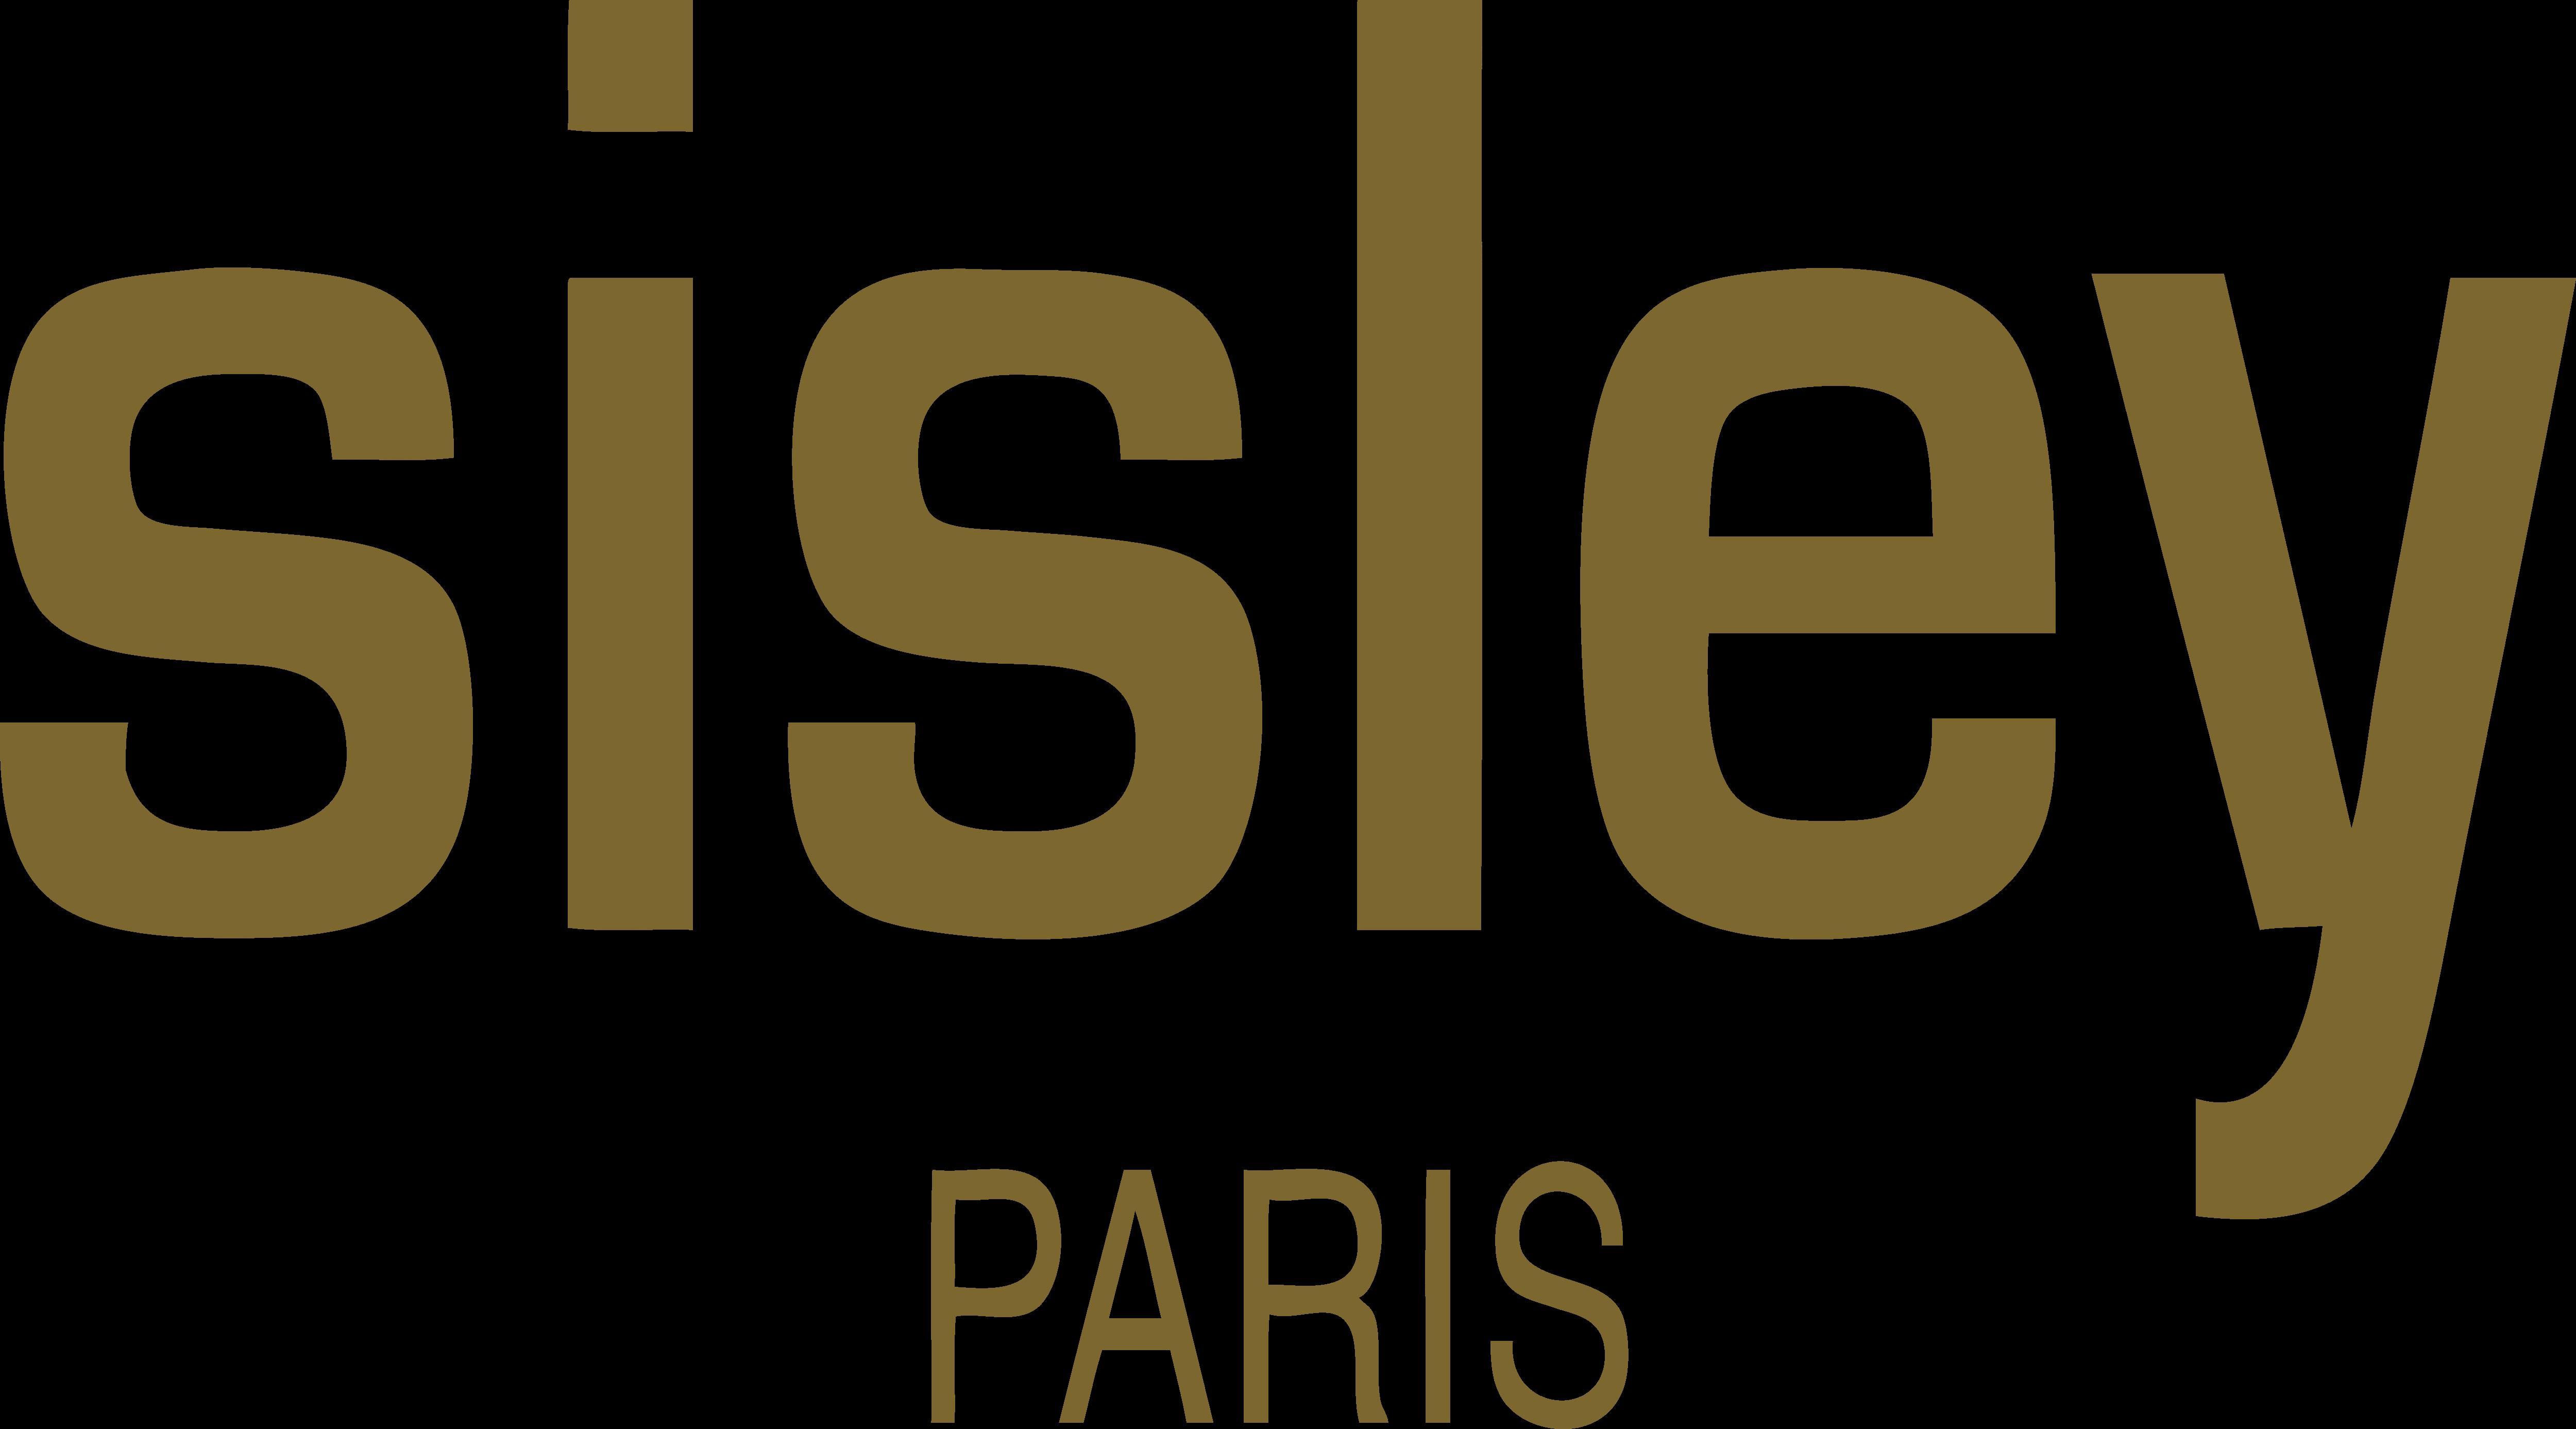 Sisley Paris – Logos Download